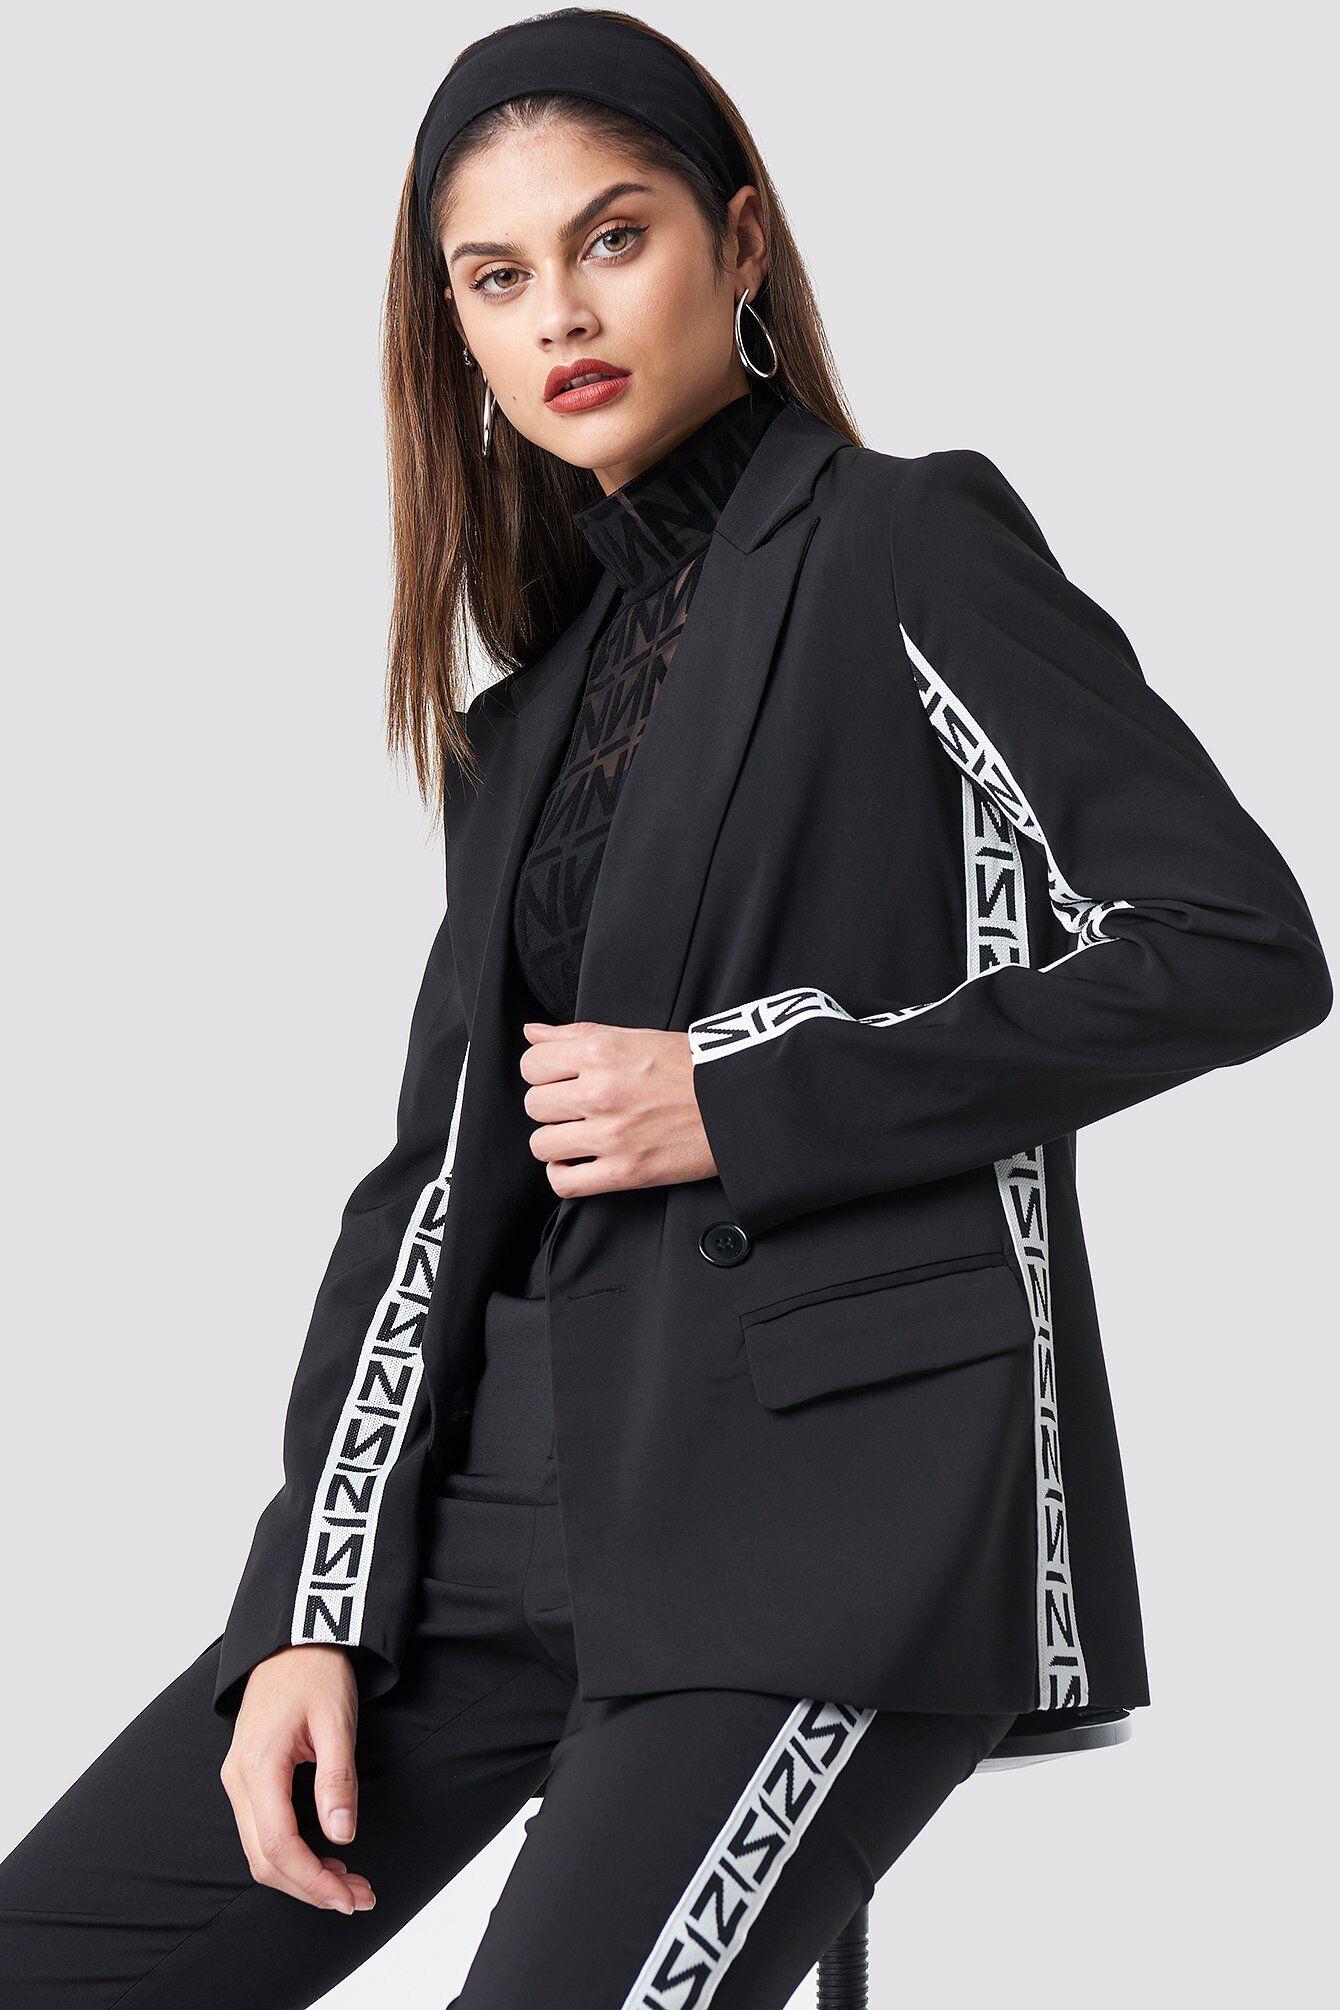 NA-KD Trend N Branded Blazer - Black  - Size: EU 32,EU 34,EU 36,EU 38,EU 40,EU 42,EU 44